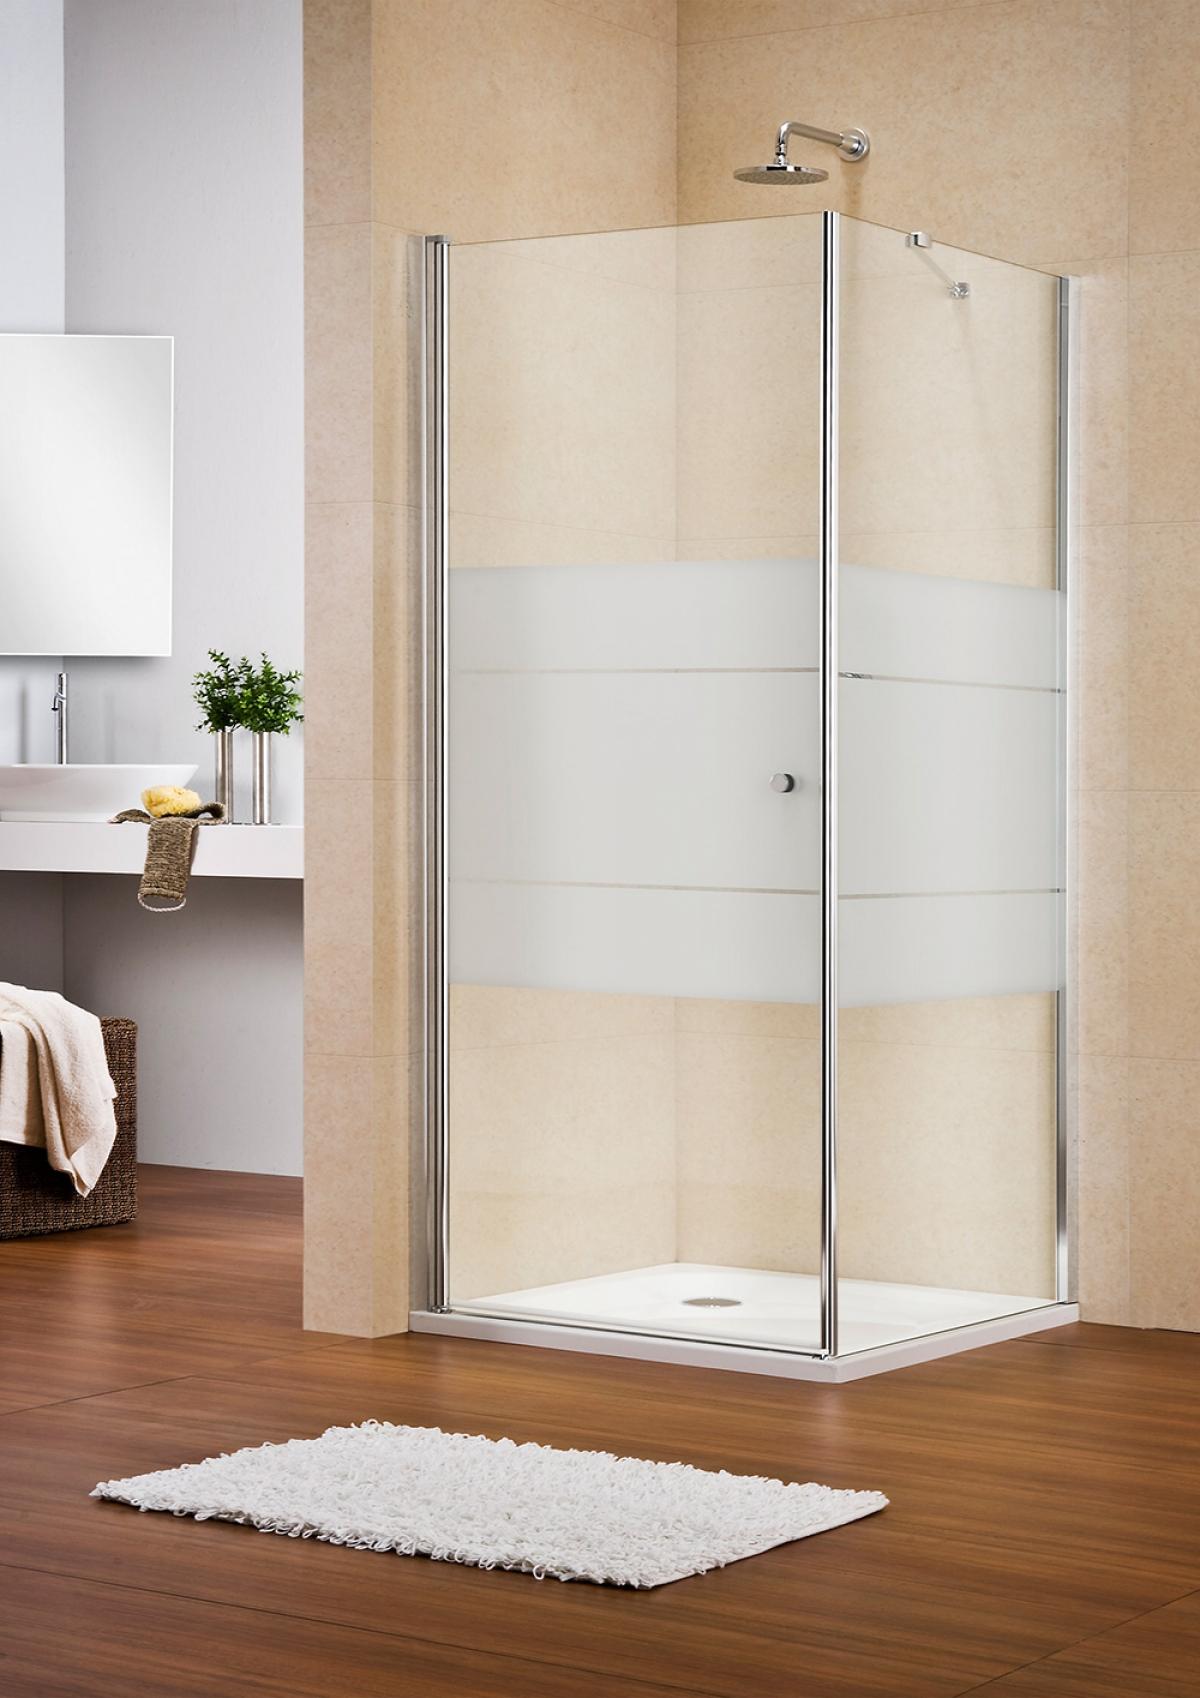 porte battante de douche multi s 4000 duka induscabel salle de bains chauffage et cuisine. Black Bedroom Furniture Sets. Home Design Ideas